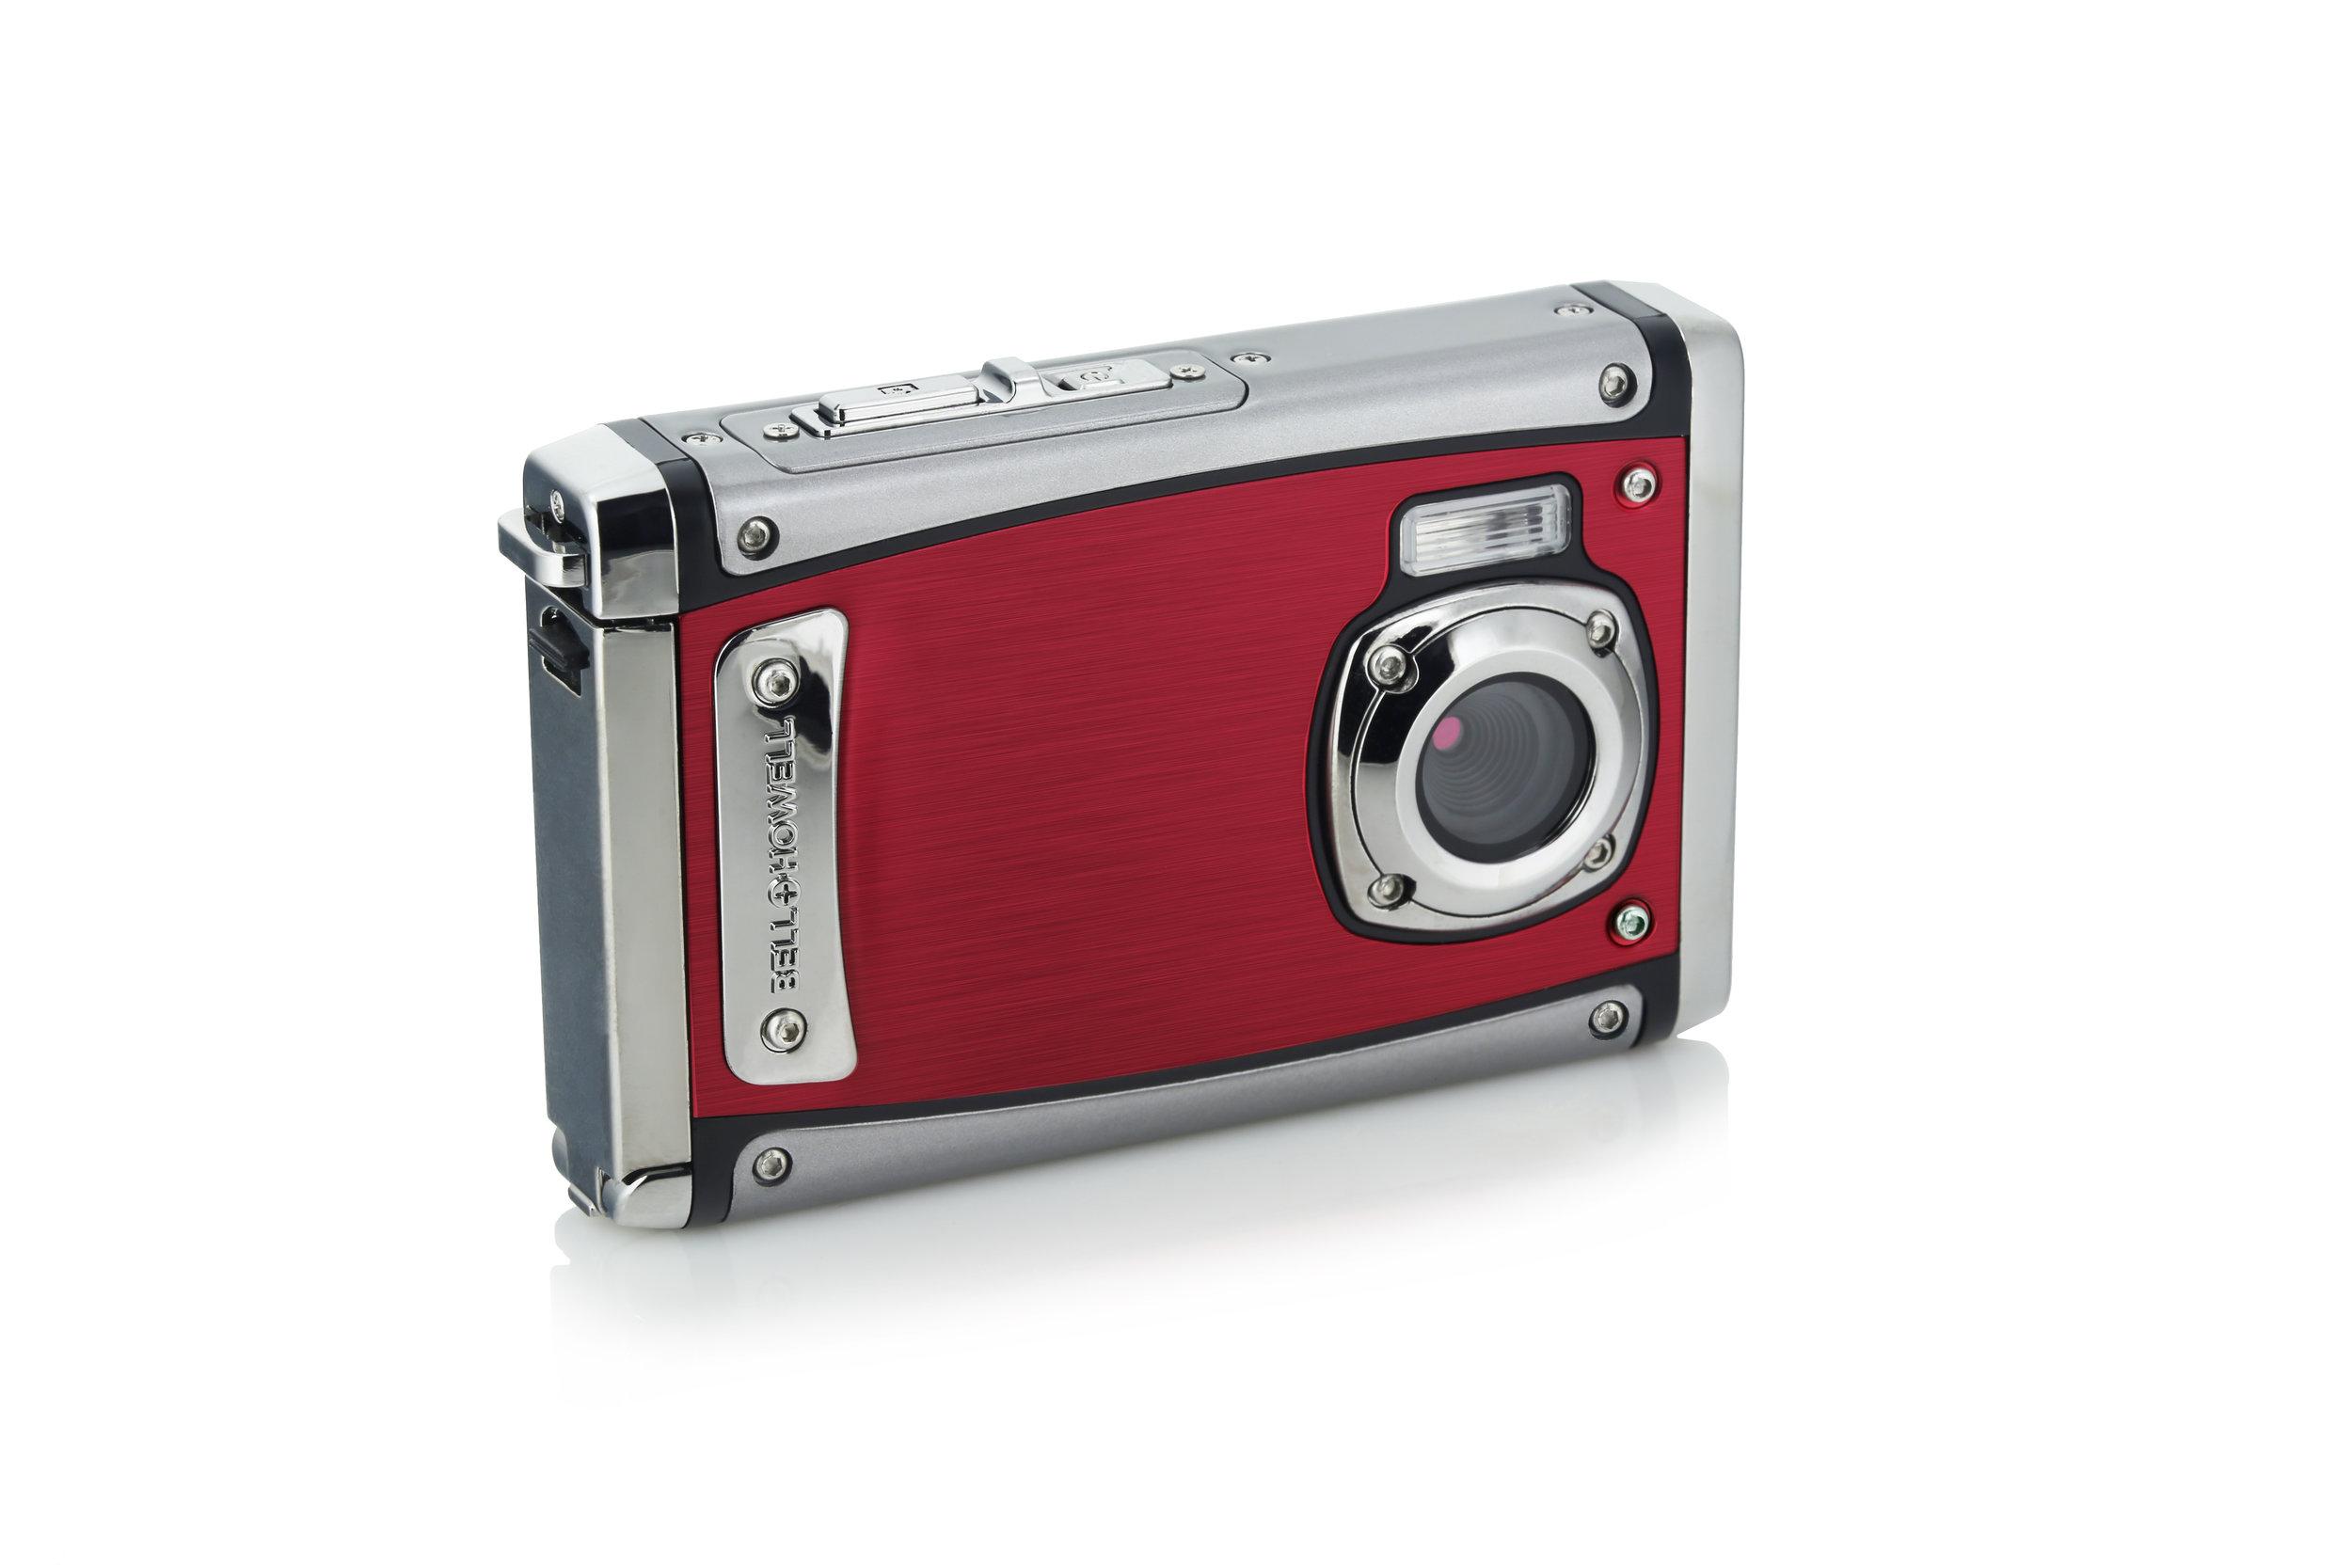 Bell+Howell Splash3 Waterproof Digital Camera